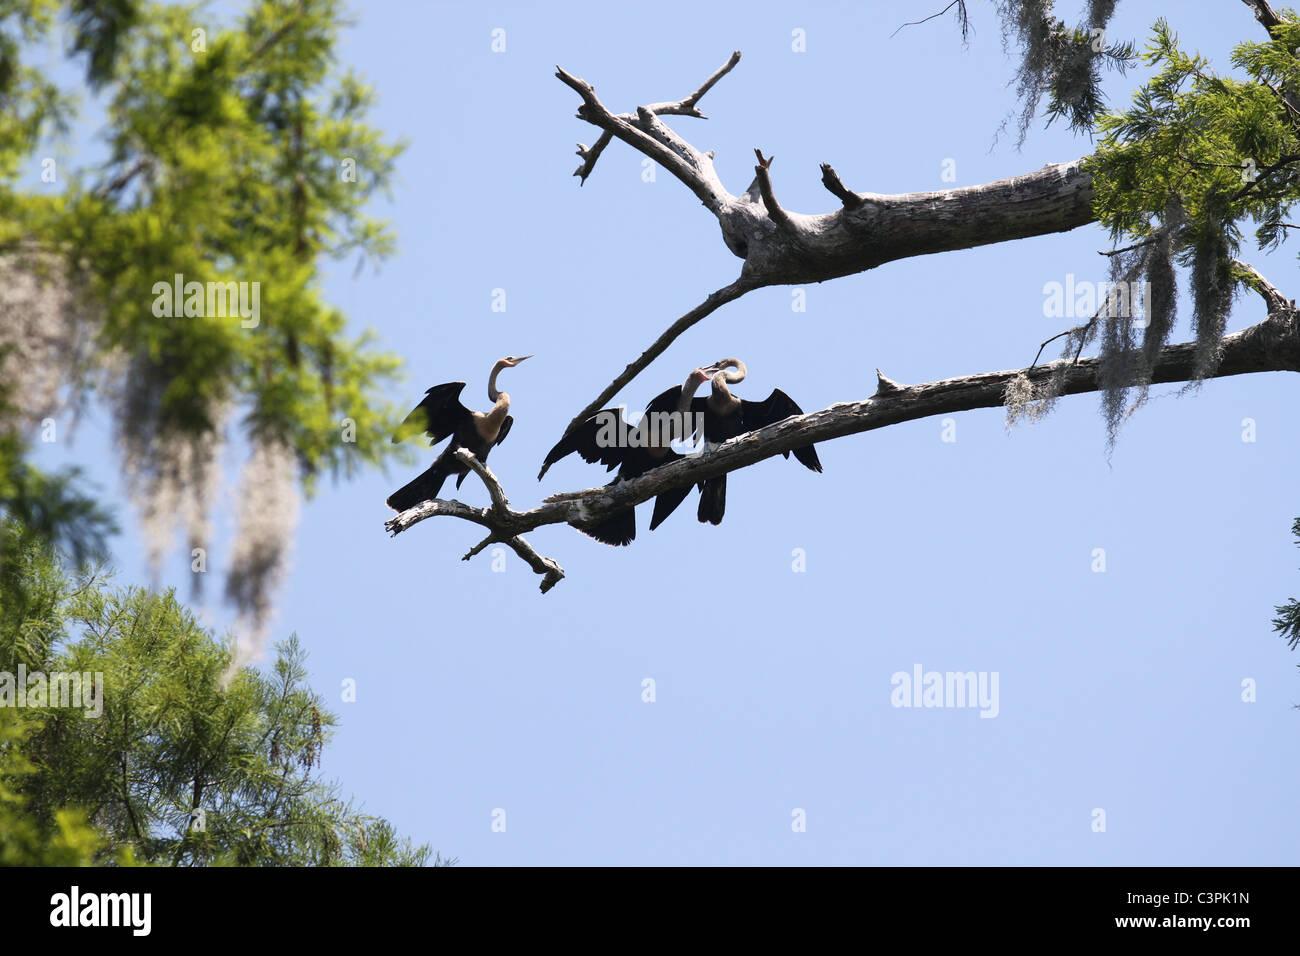 Three Anhinga birds on the limb of a tree - Stock Image